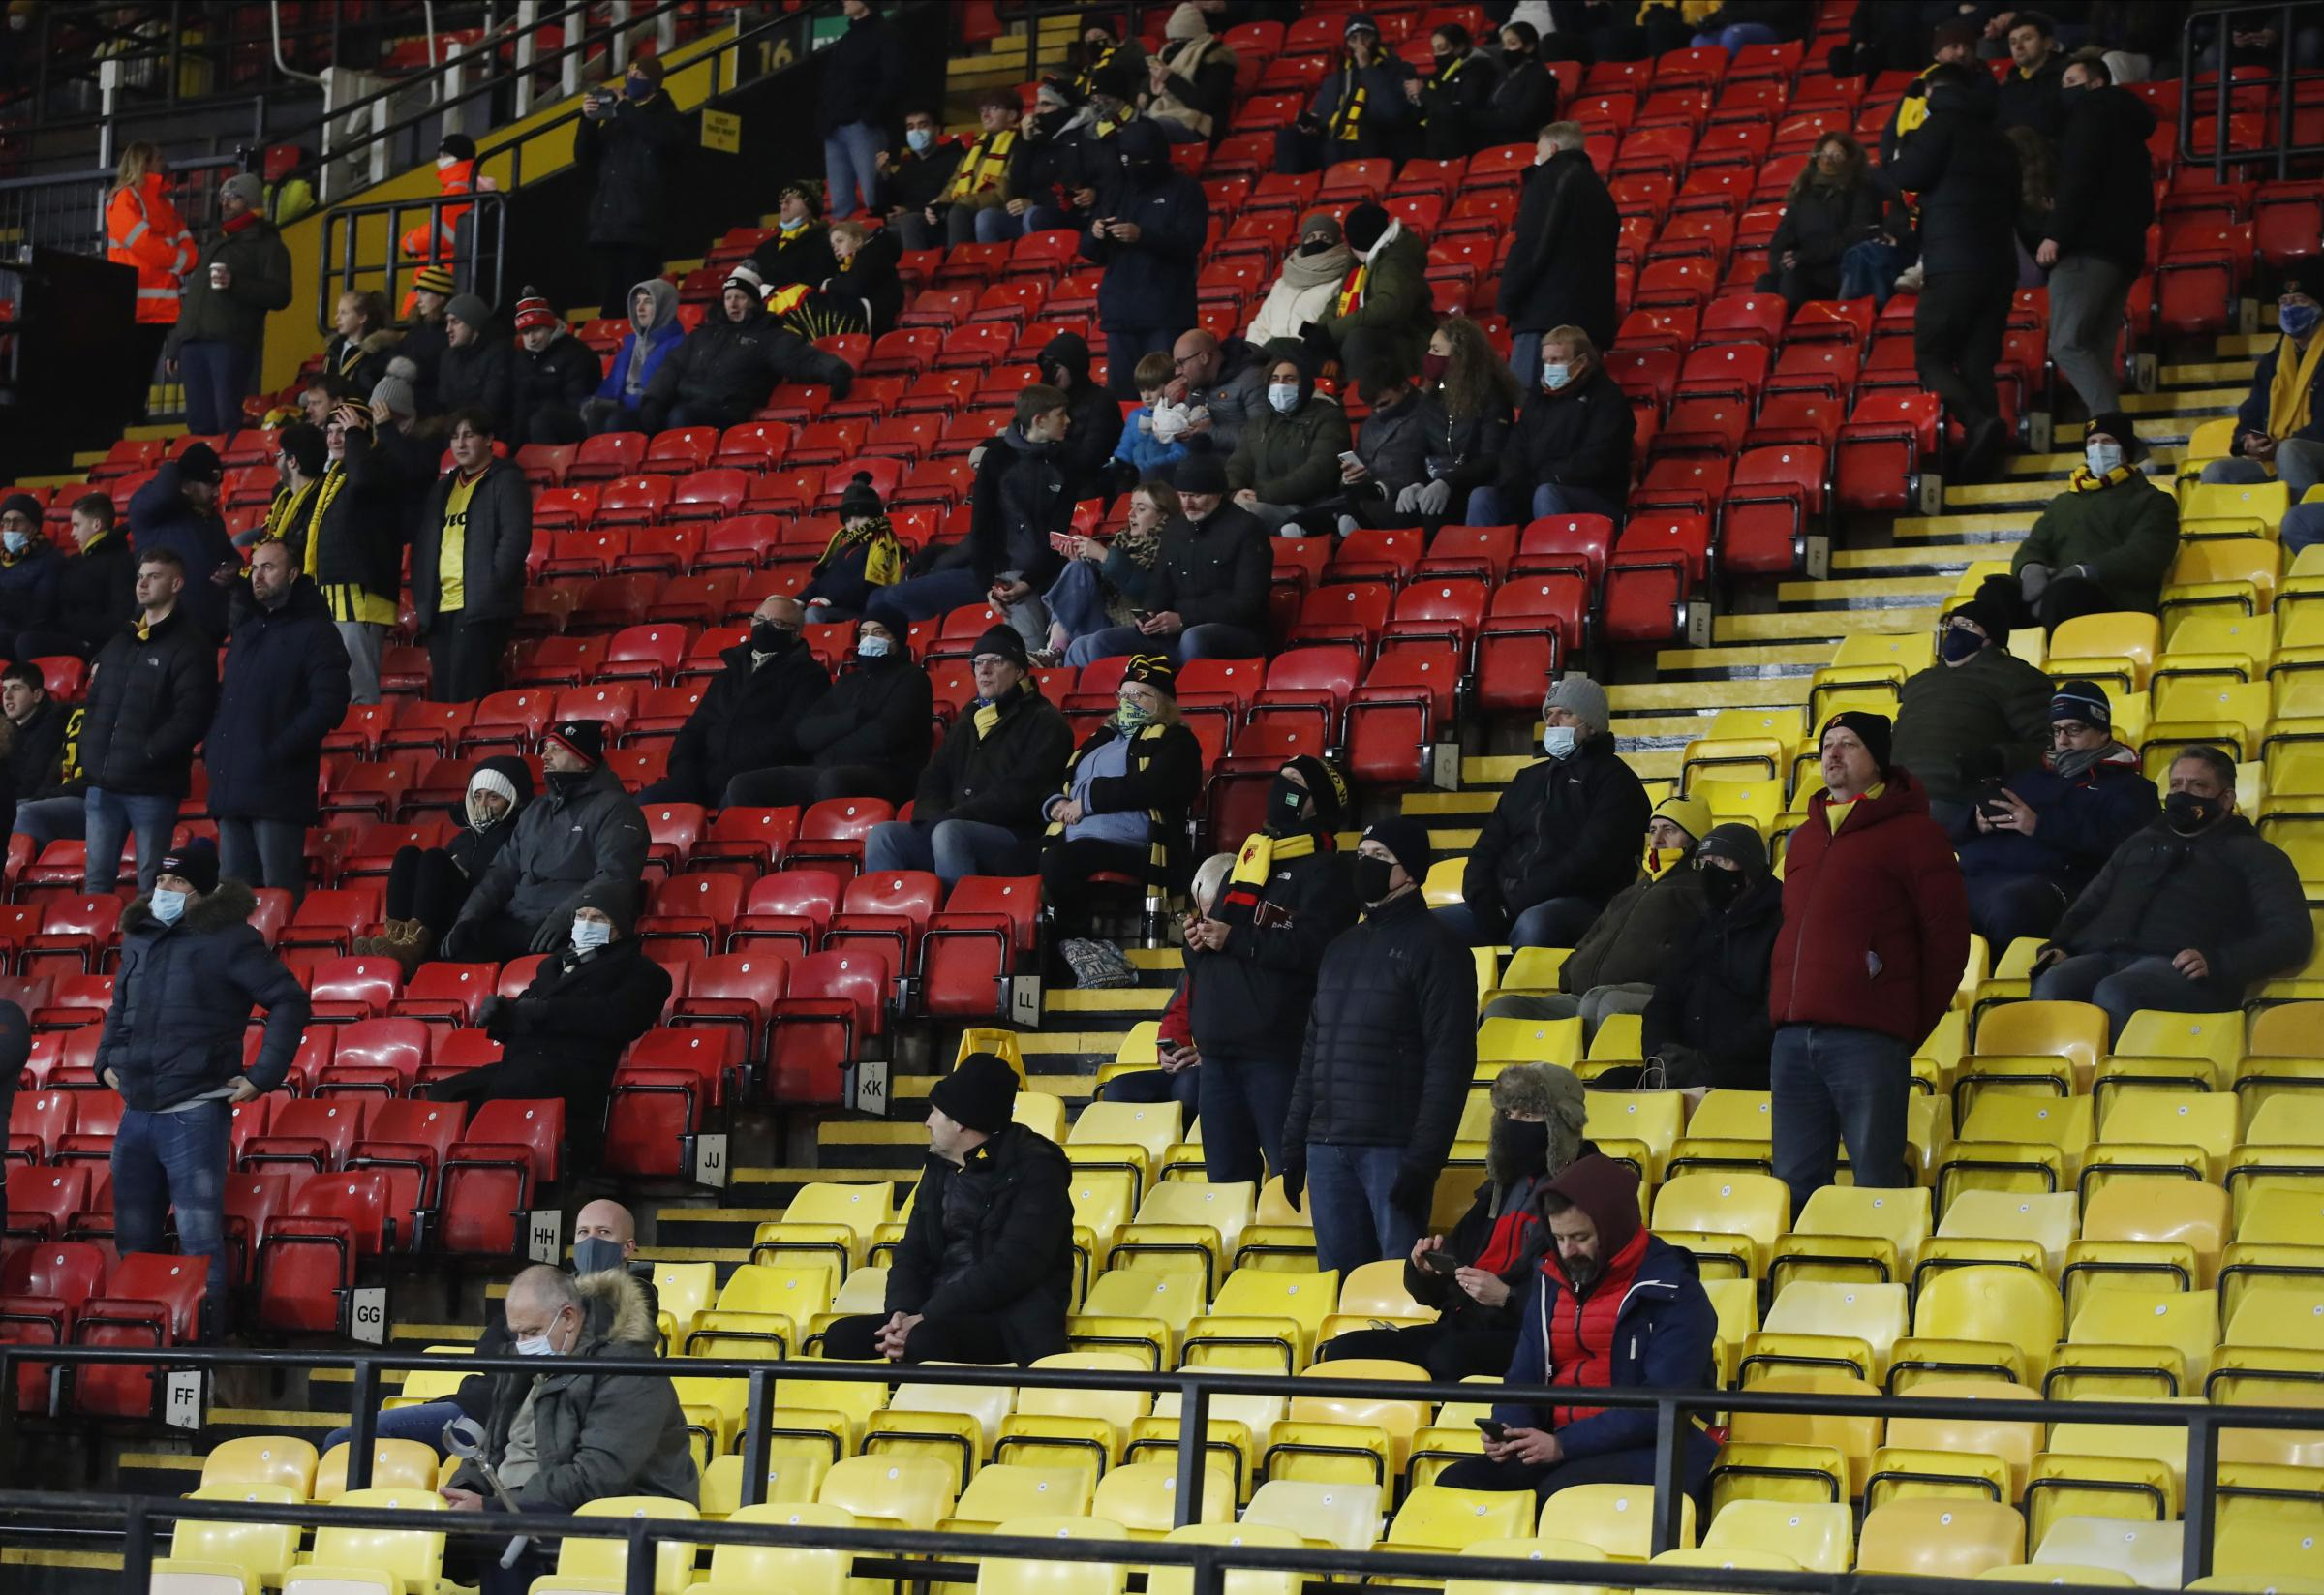 Premier League confirms covid-19 spot checks for fans